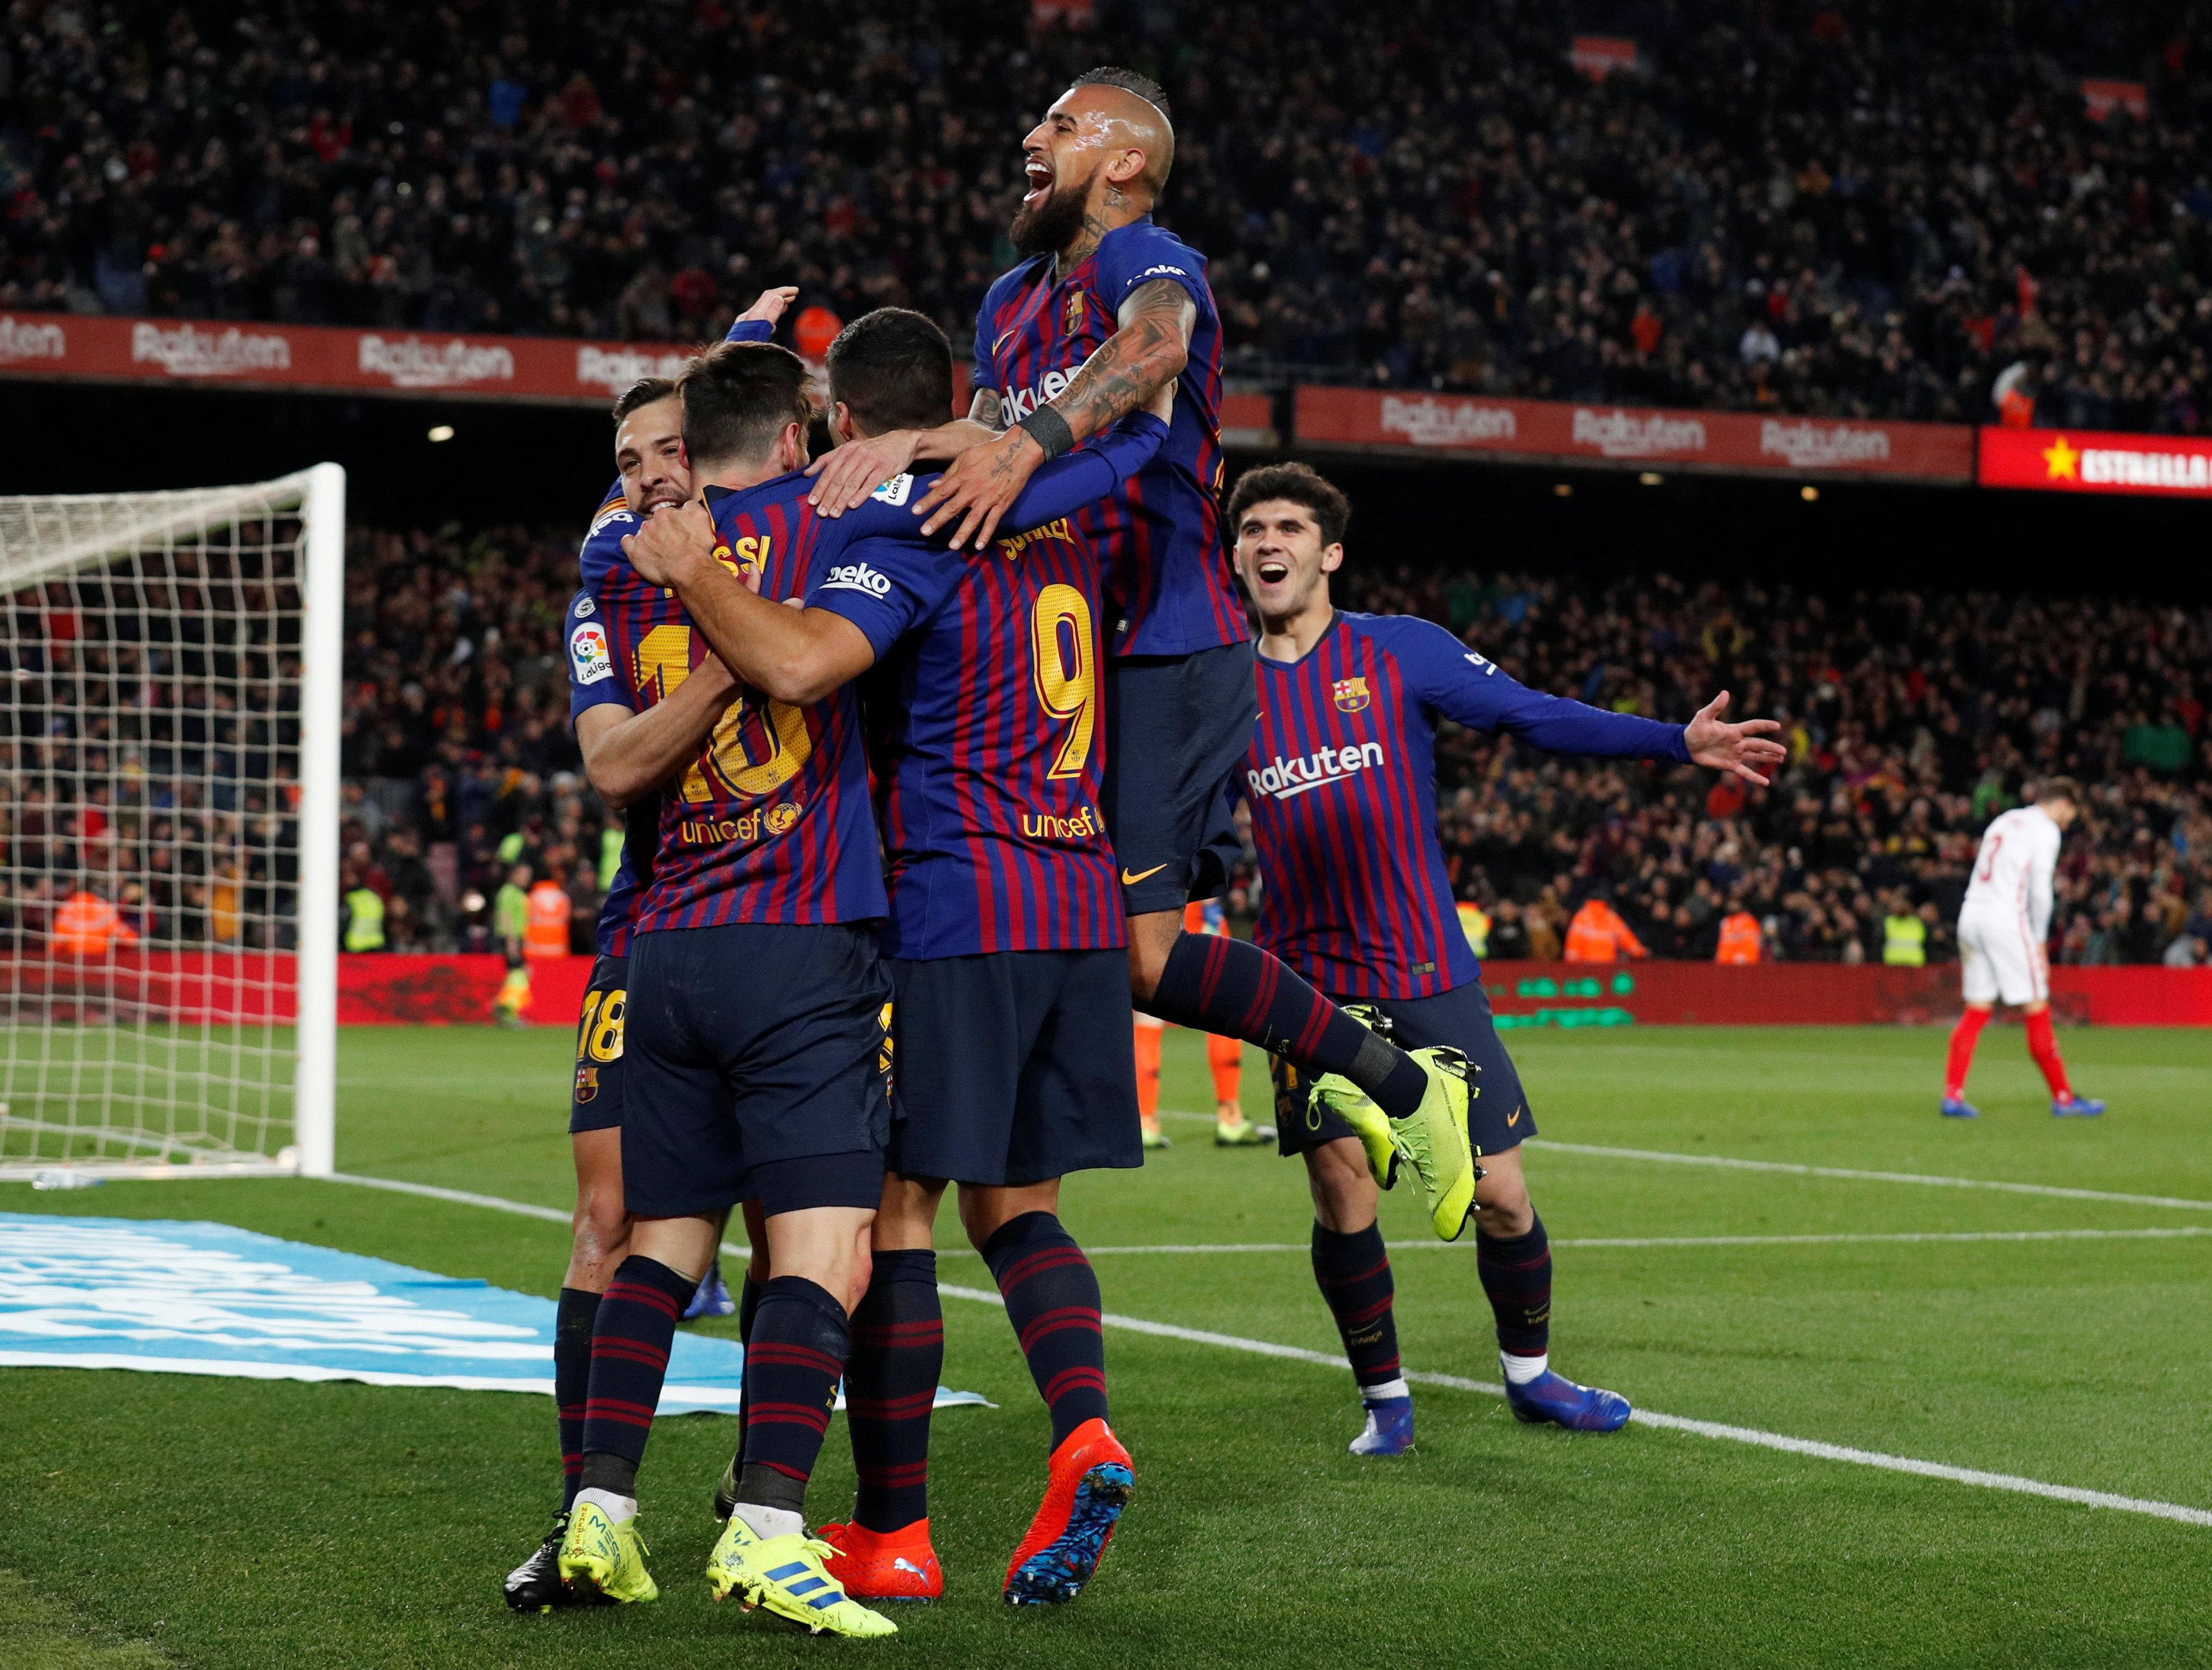 Aplasta Barcelona 6-1 a Sevilla y avanza a semifinales de la Copa del Rey